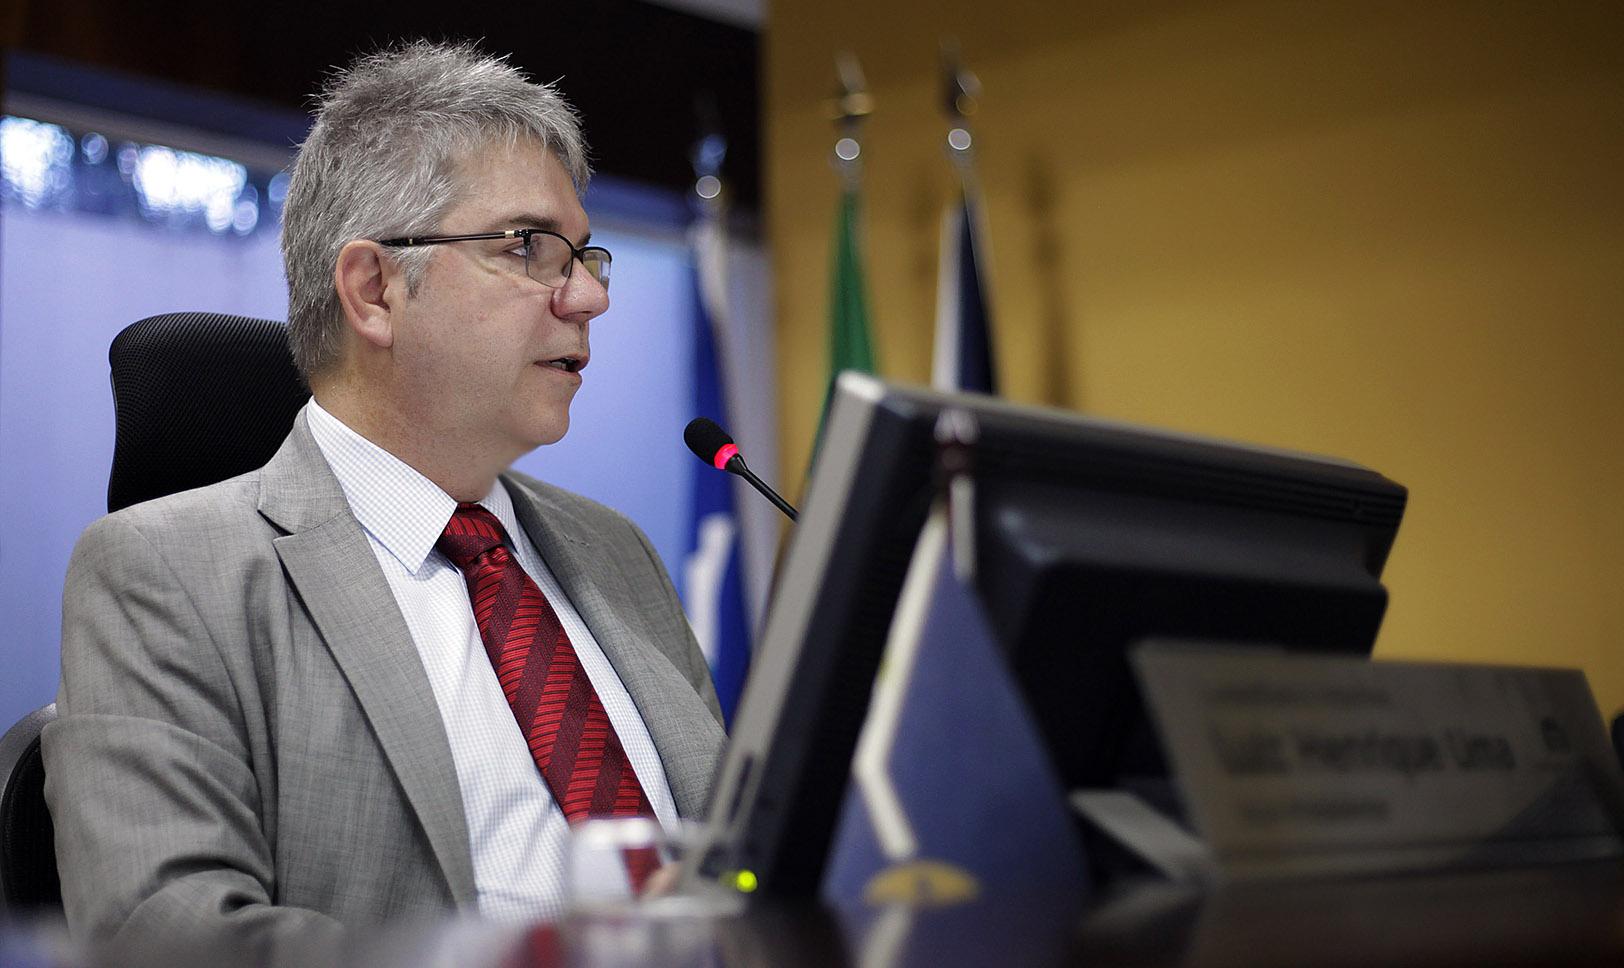 Conselheiro interino vice-presidente do TCE-MT - Luiz Henrique Lima